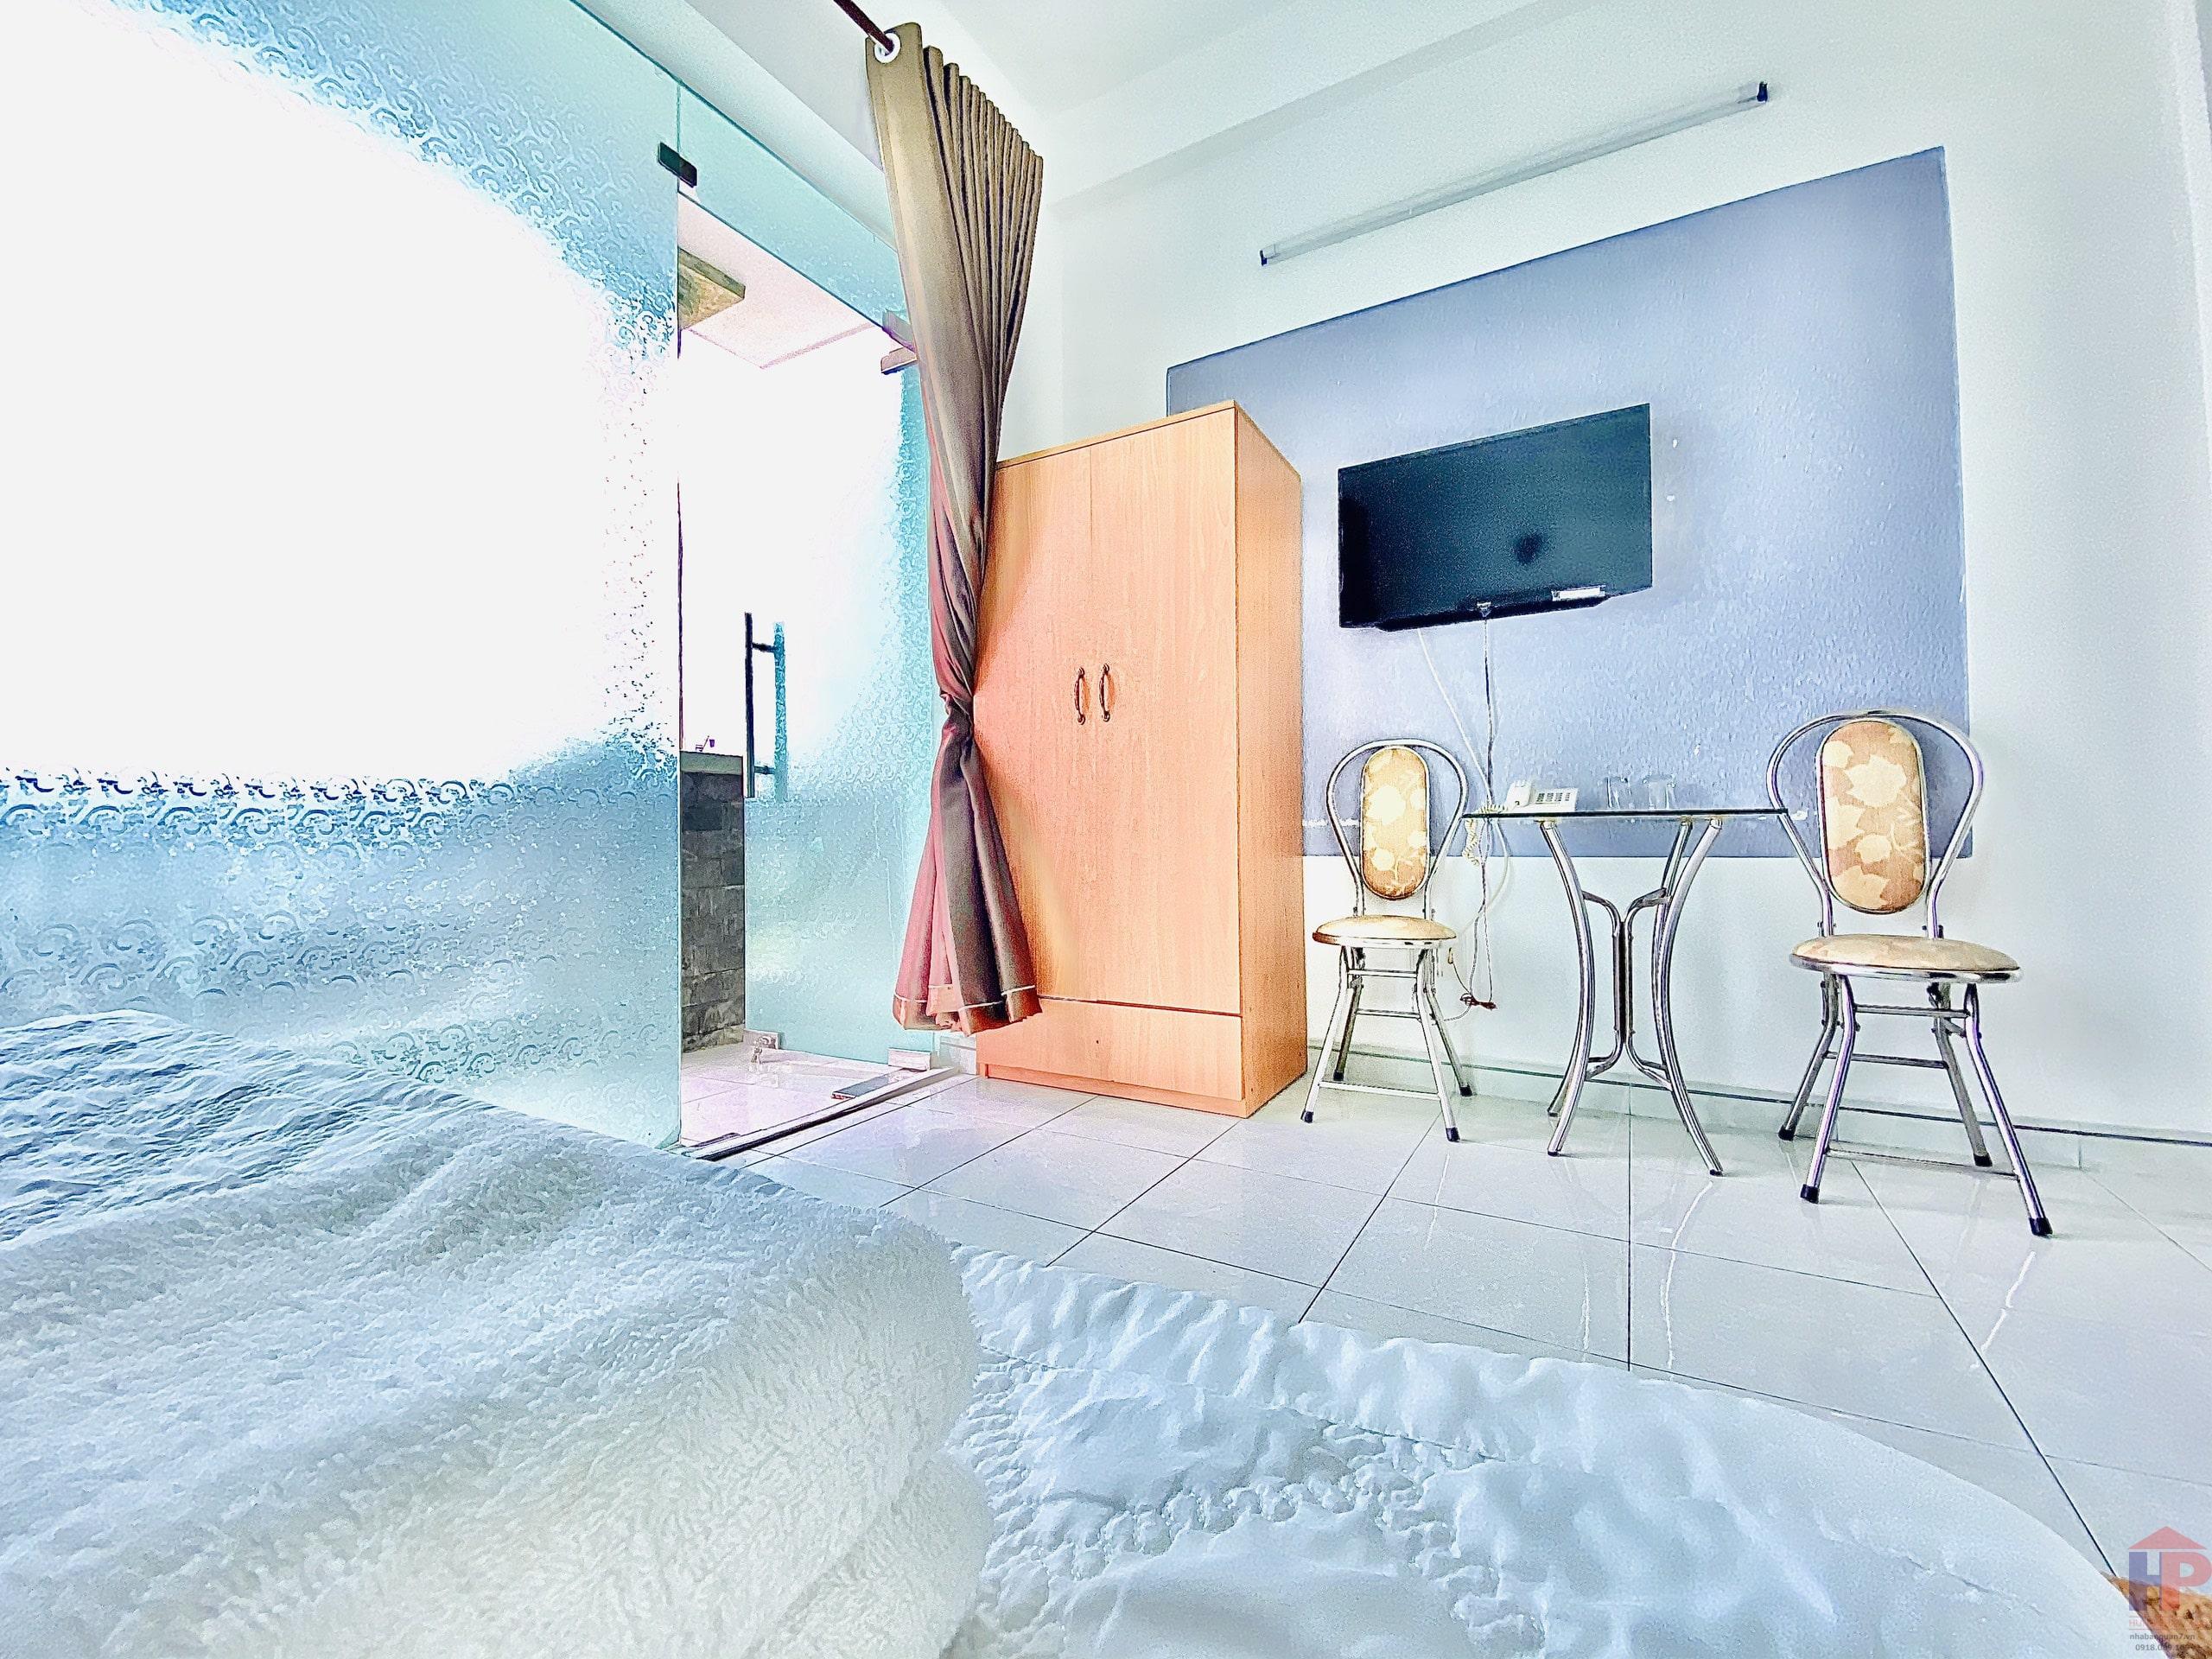 Bán khách sạn Lý Phục Man Quận 7, mặt tiền 5 tầng – 12 phòng, DT 4.5x16m, giá 14.9 tỷ